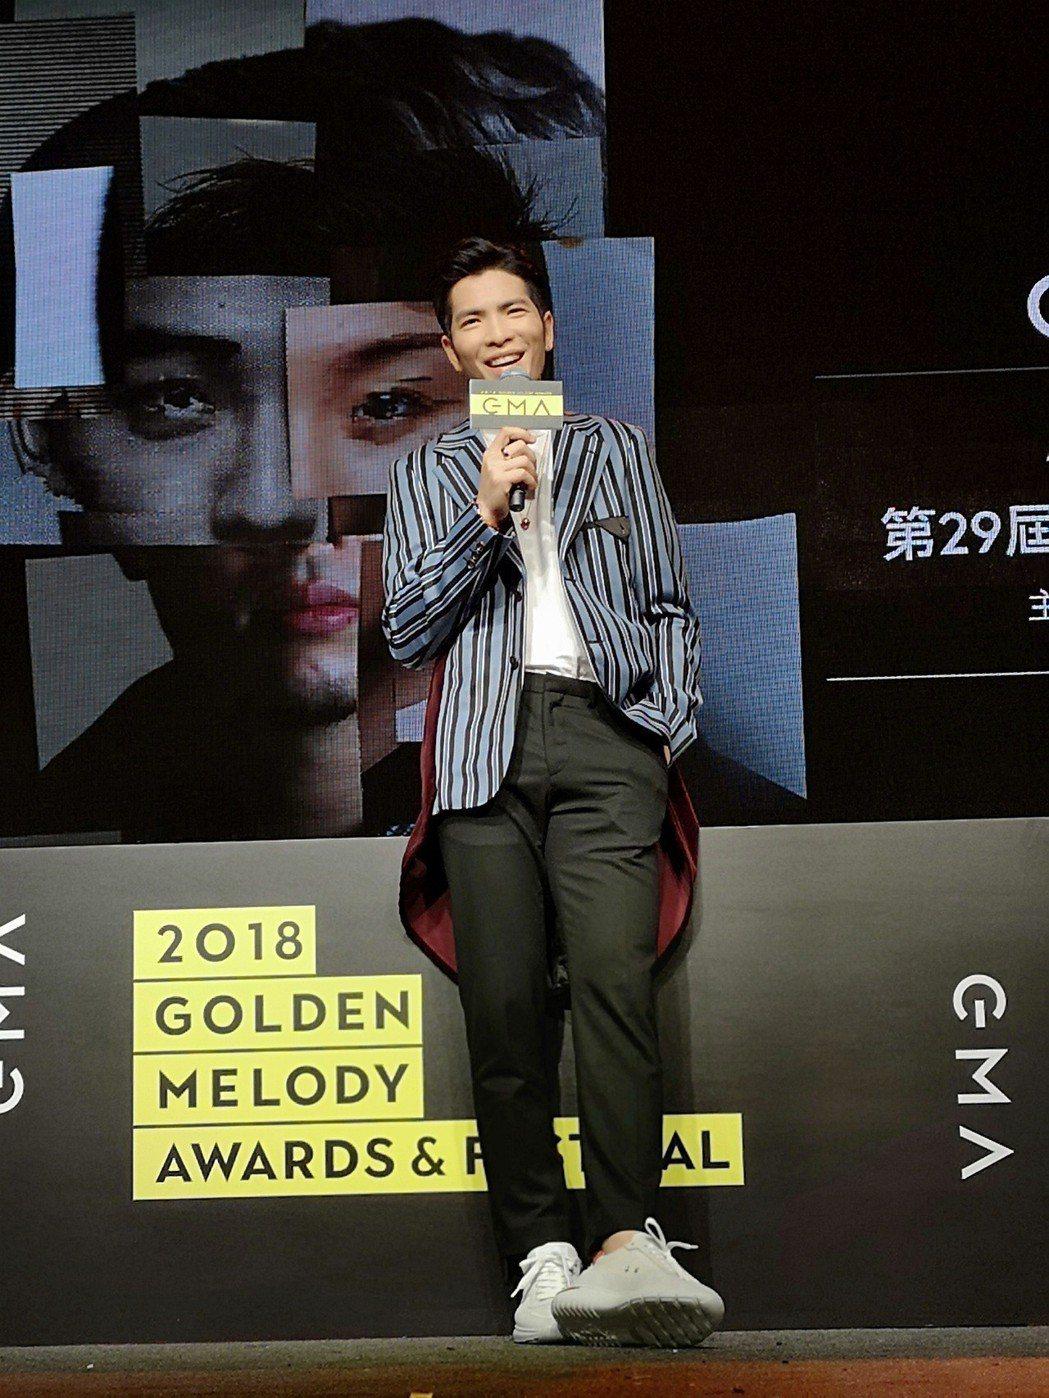 第29屆金曲獎頒獎典禮主持人人選,今天宣布由蕭敬騰擔任。記者邱德祥/攝影